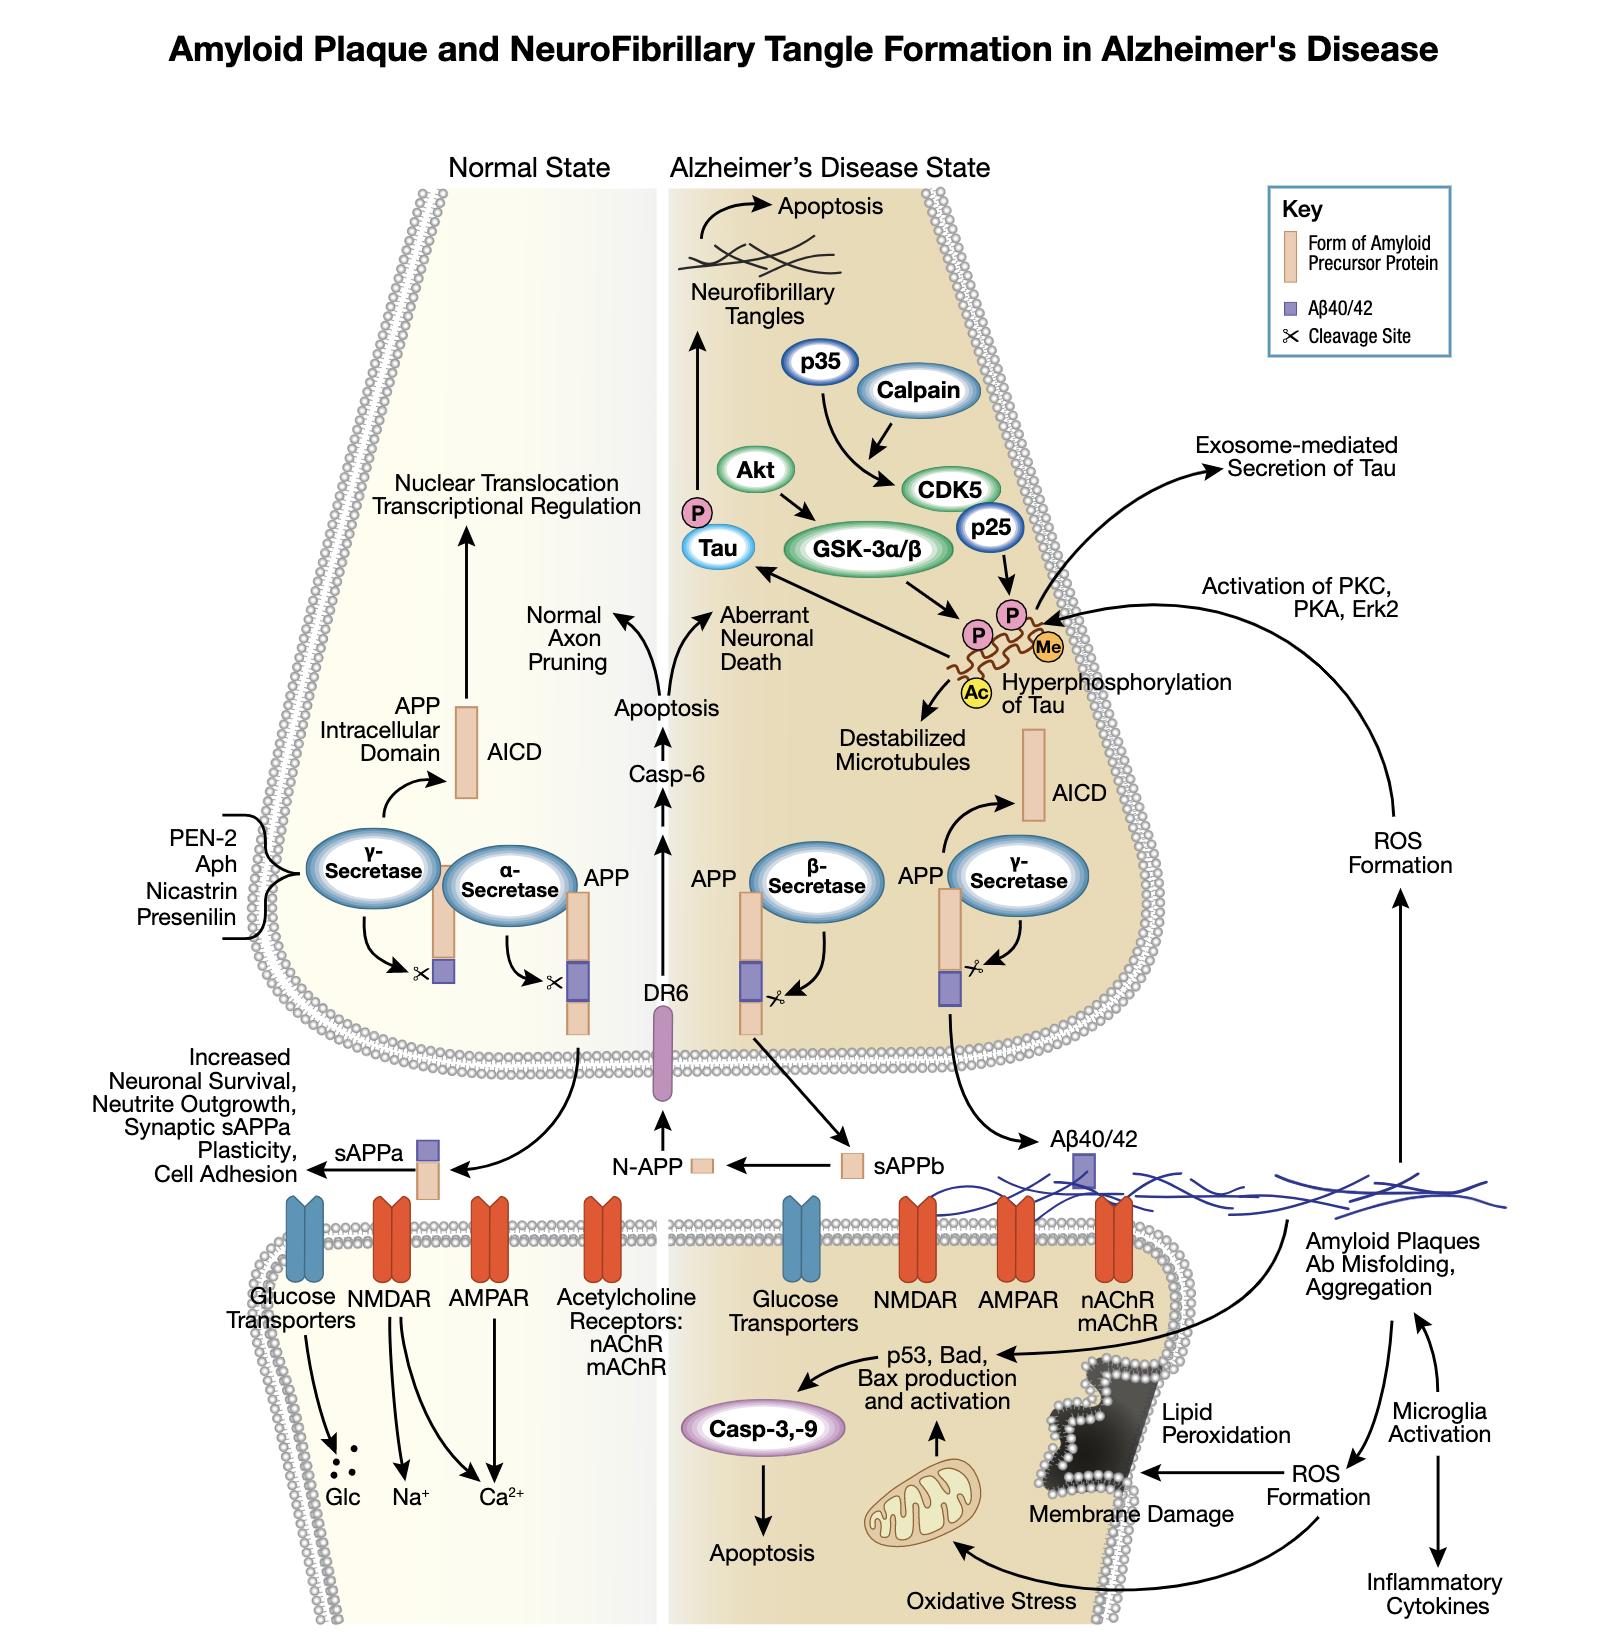 アルツハイマー病シグナル伝達パスウェイにおけるアミロイド斑の形成と神経原線維変化